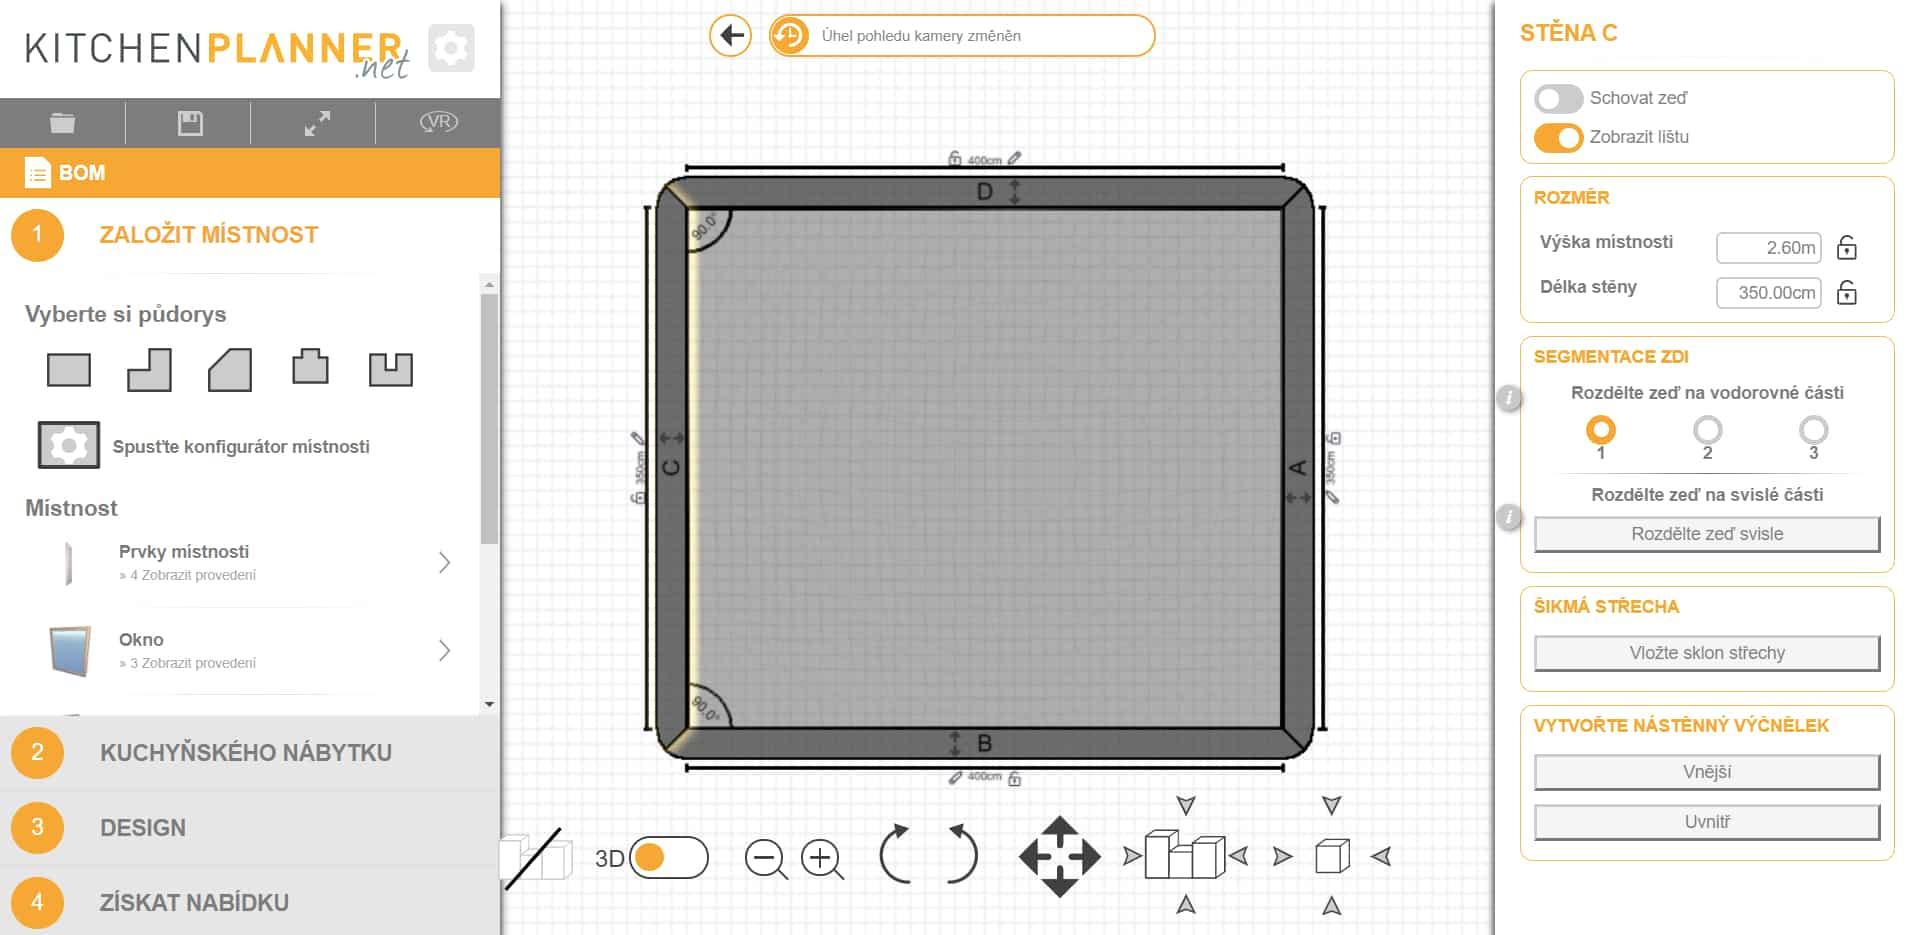 Kitchenplanner-net - plánovač kuchyní recenze